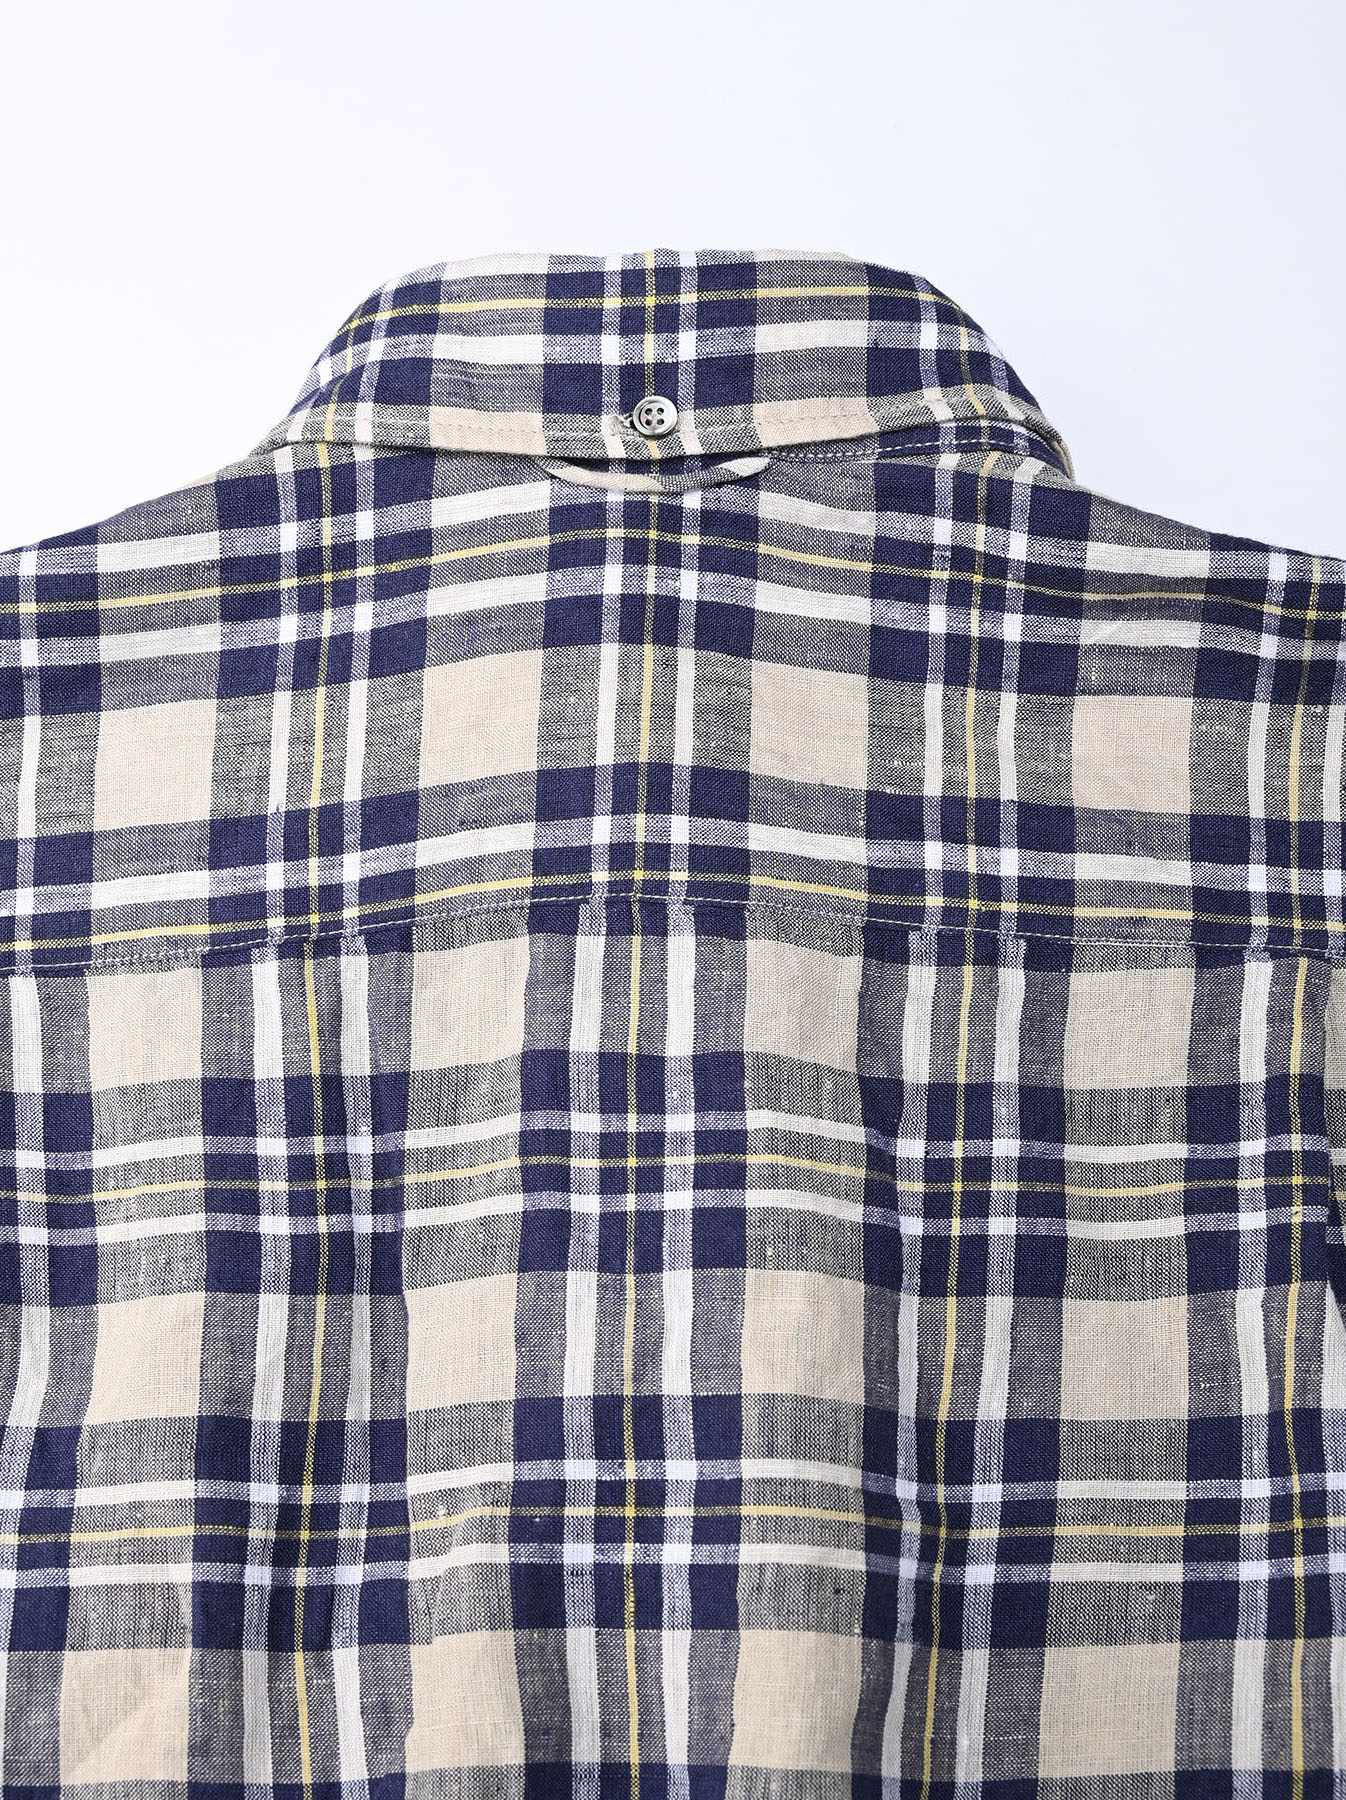 Indian Linen Madras 908 Ocean Button Down Shirt (0421)-10